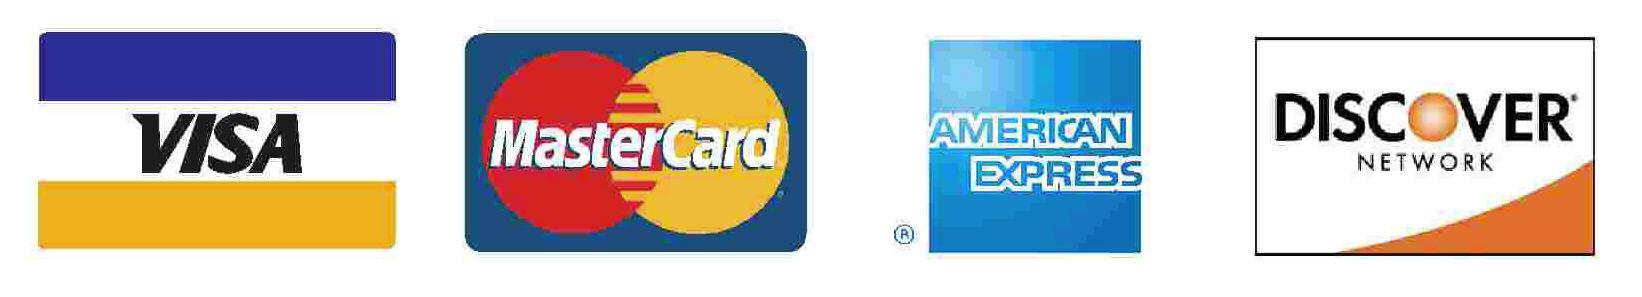 visa mastercard discover logos